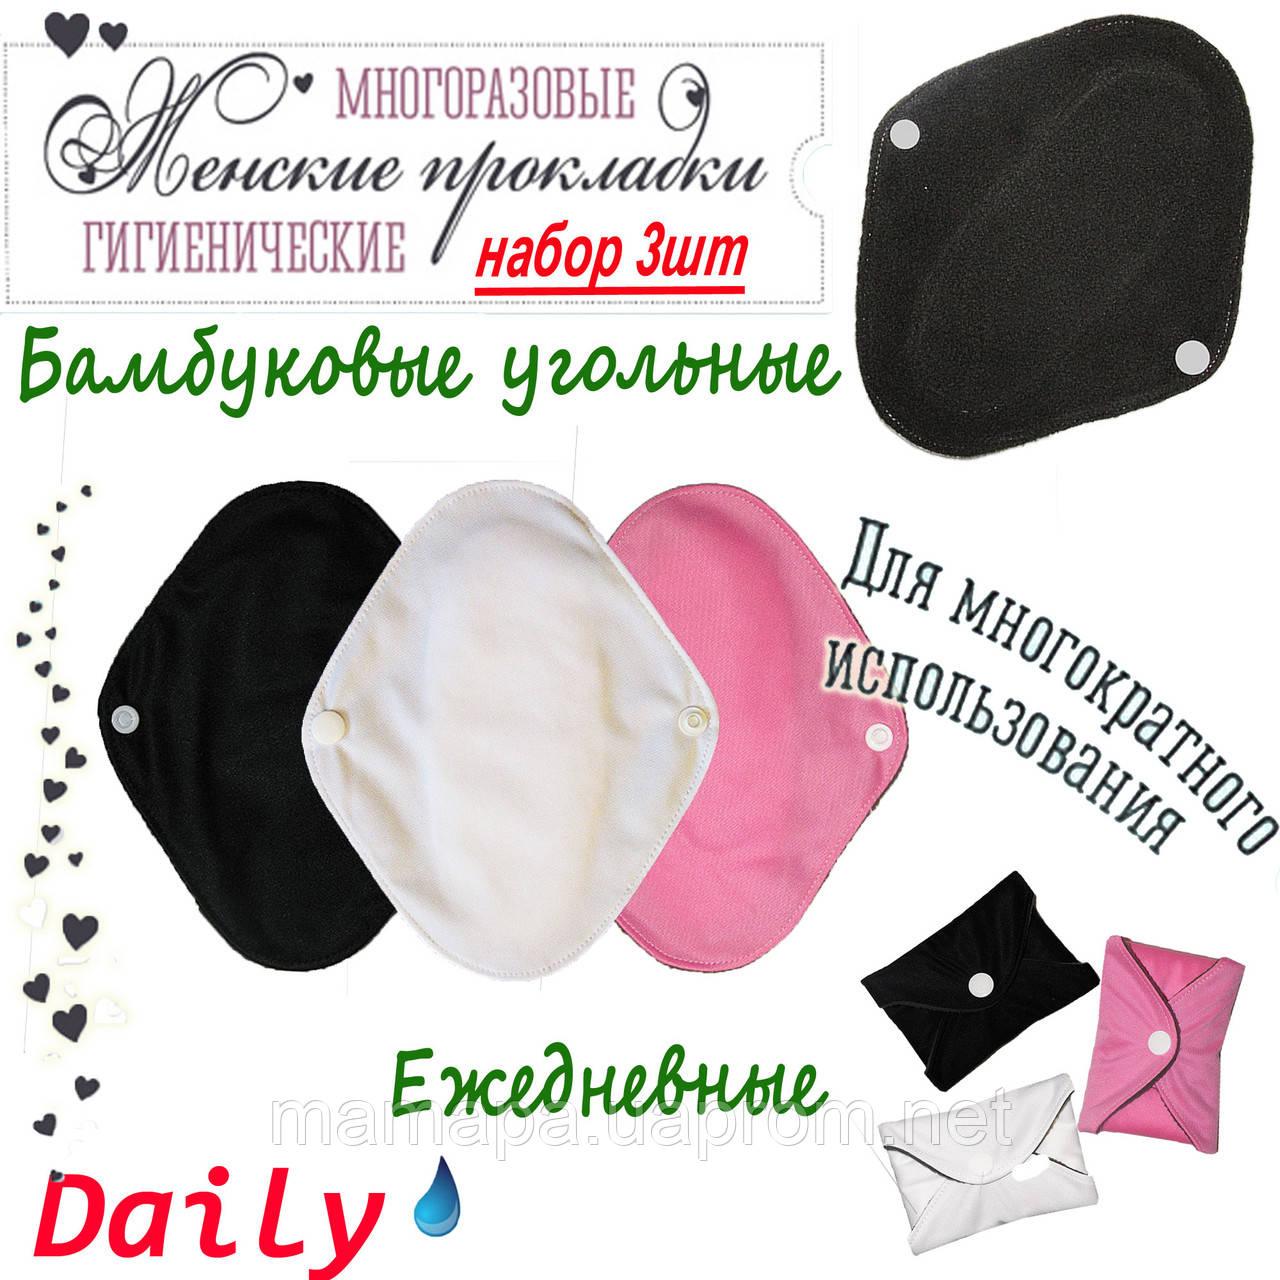 Многоразовые прокладки DAILY-1 3шт бамбук угольный, непромокаемые, дышащие